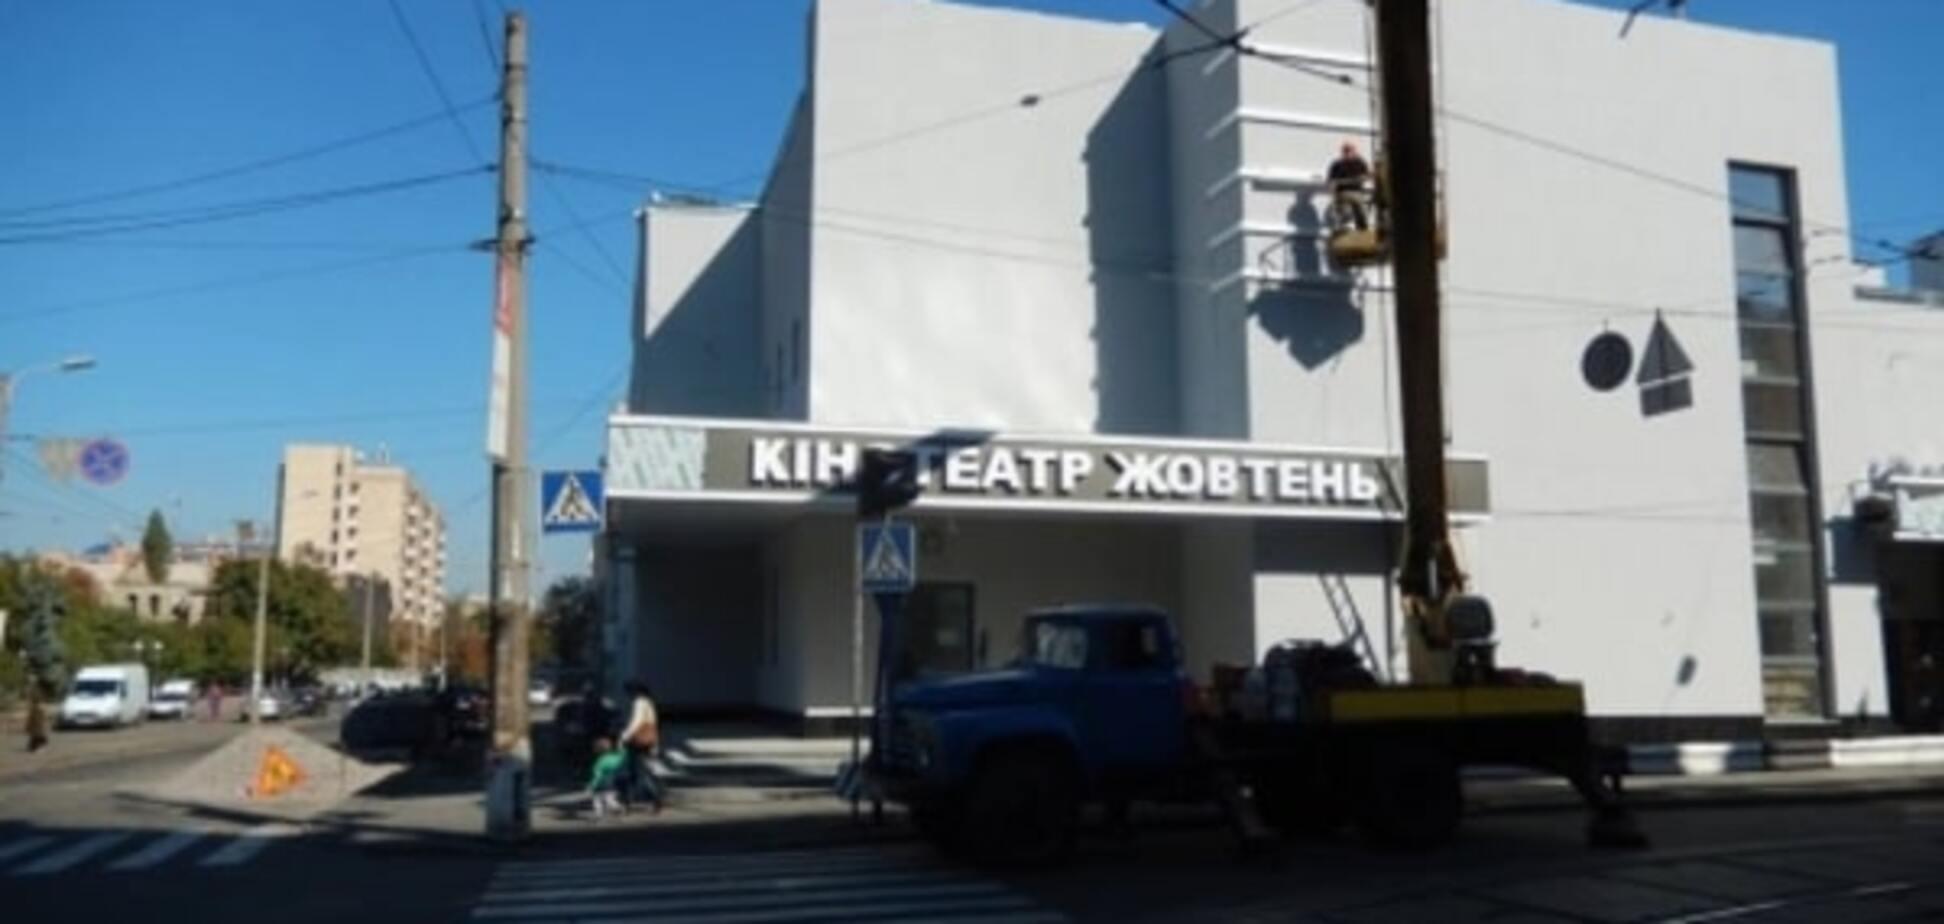 Як змінився фасад київського кінотеатру 'Жовтень': фоторепортаж